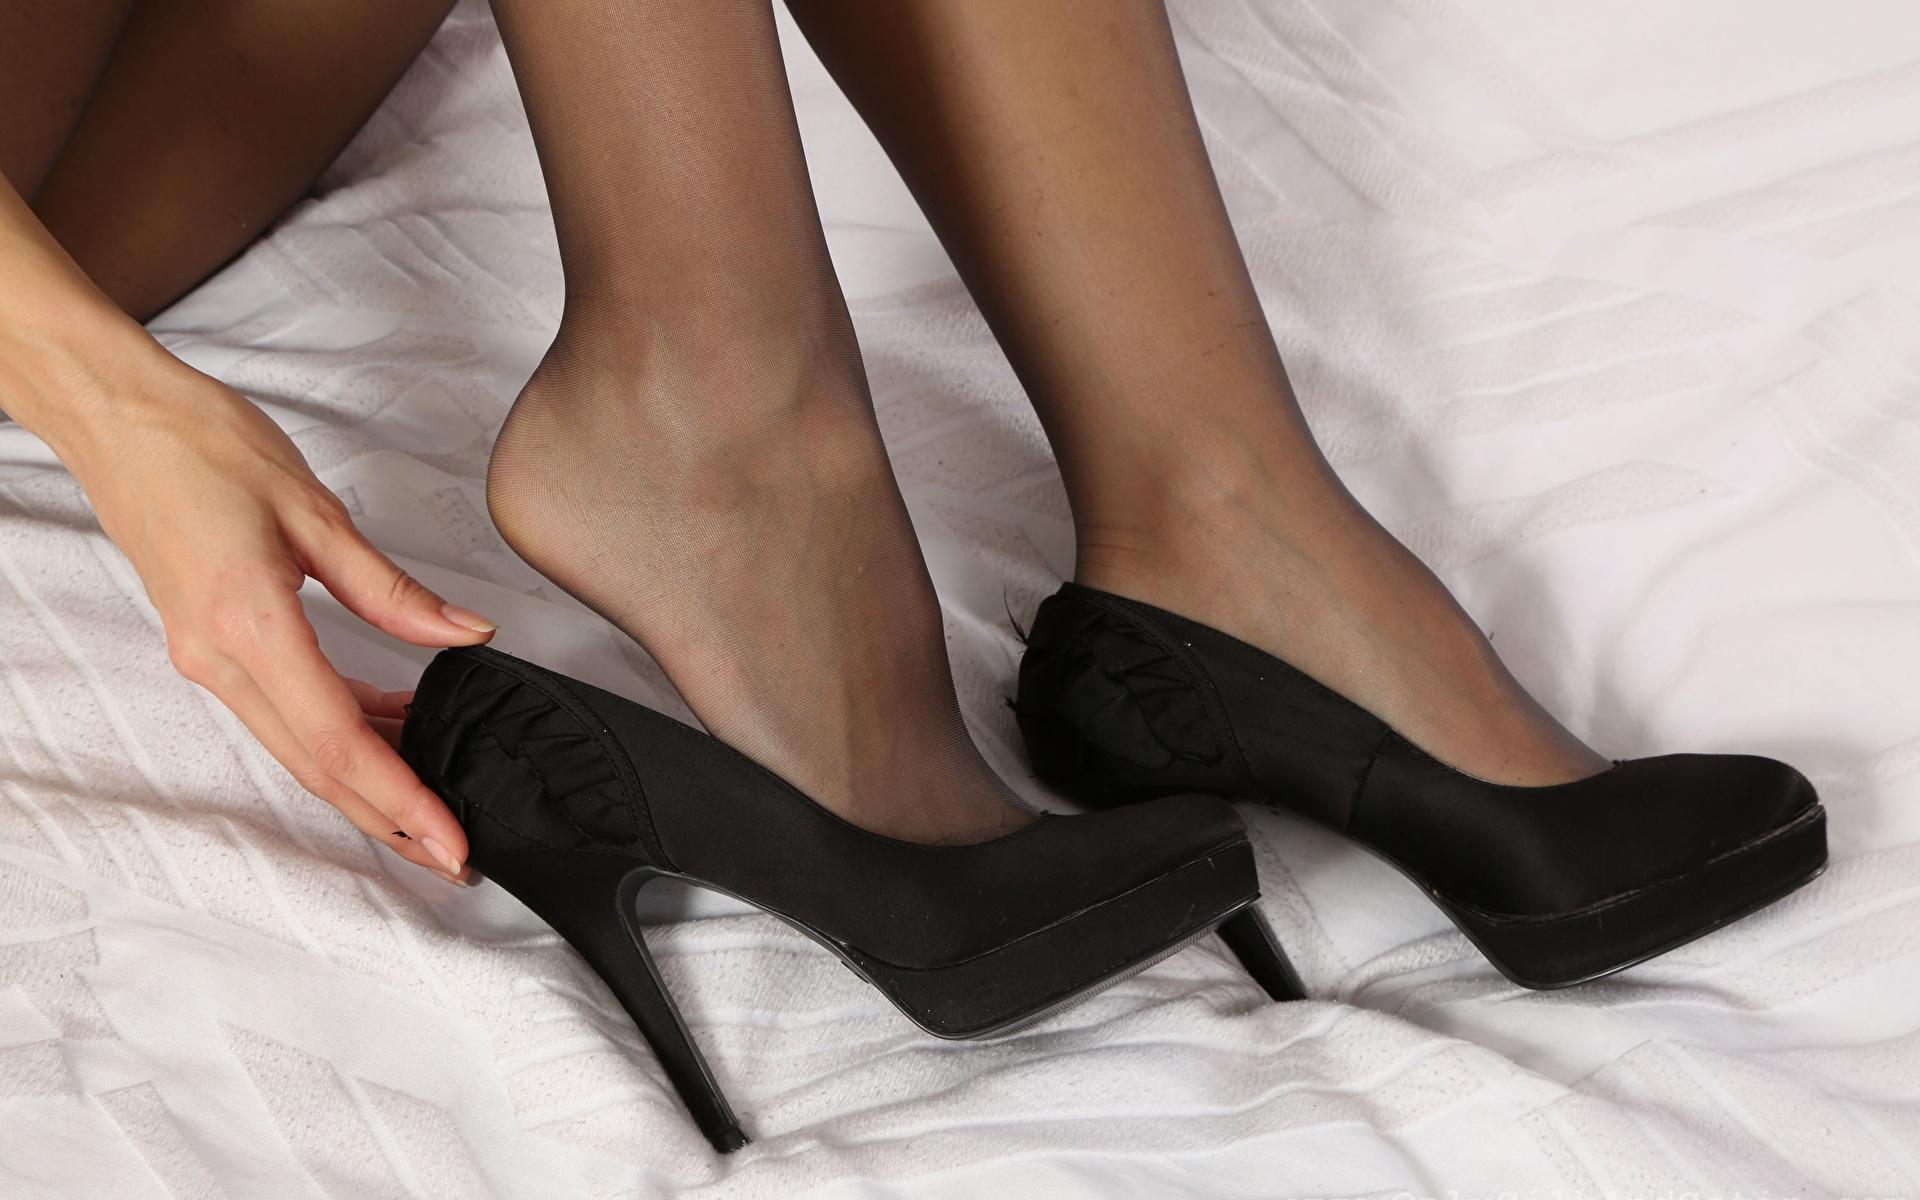 Fotos von Strumpfhose Mädchens Bein Nahaufnahme High Heels 1920x1200 junge frau junge Frauen hautnah Großansicht Stöckelschuh